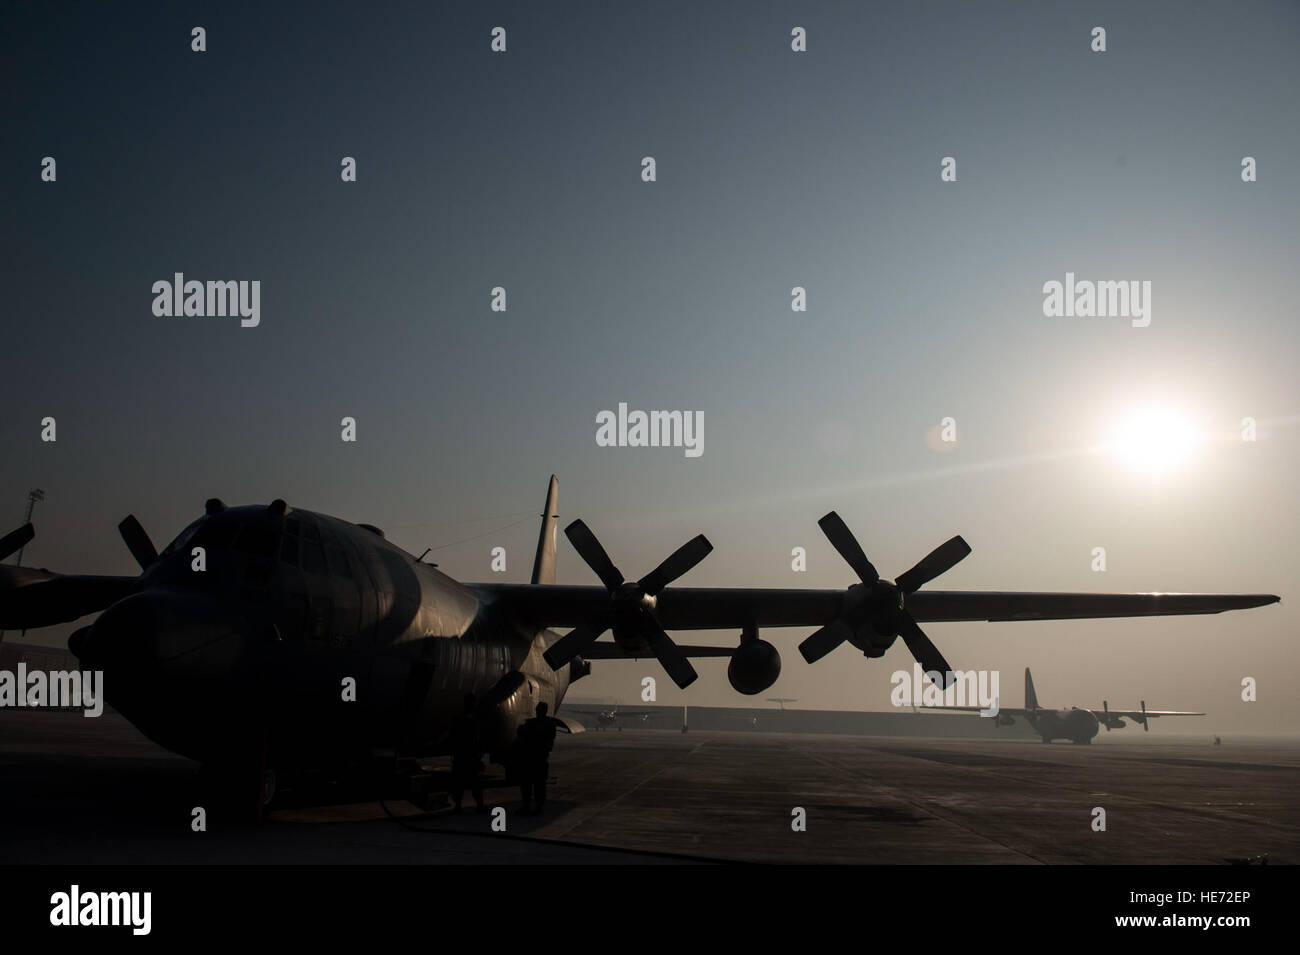 Un Afghan Air Force C-130H Hercules se trouve sur la piste à l'Aéroport International d'Hamid Karzai, Kaboul, Afghanistan, 6 décembre 2015. Le C-130 a une riche histoire de la prestation de transport aérien militaire partout dans le monde. Sa capacité de décollage et atterrissage courts permet un positionnement optimal pour l'Afghanistan est un terrain accidenté. Le s.. Crochet Corey Banque D'Images